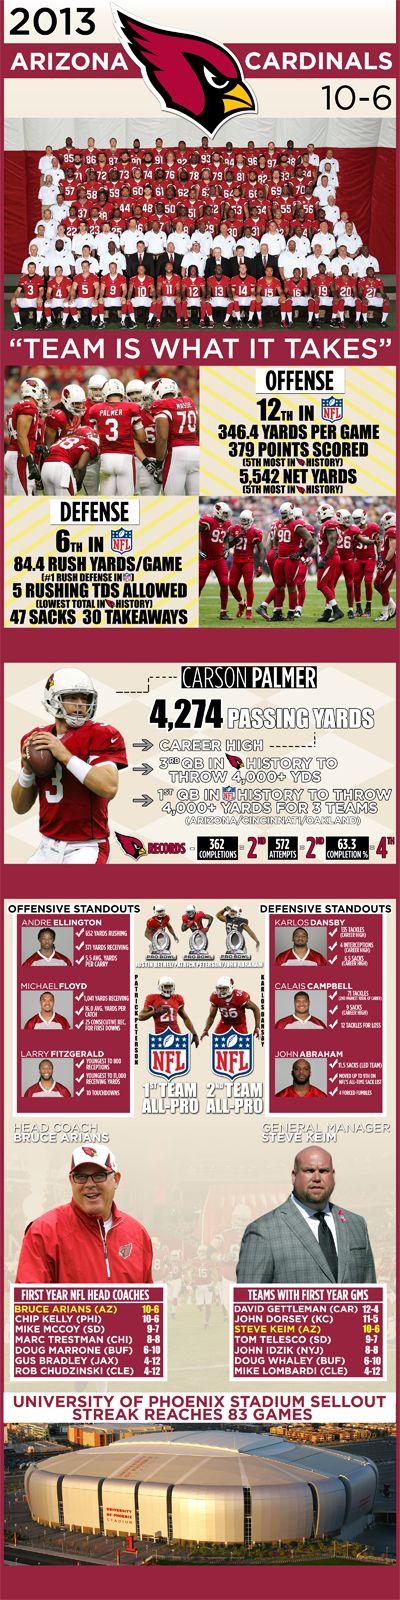 2013 Arizona Cardinals Recap #azcardinals